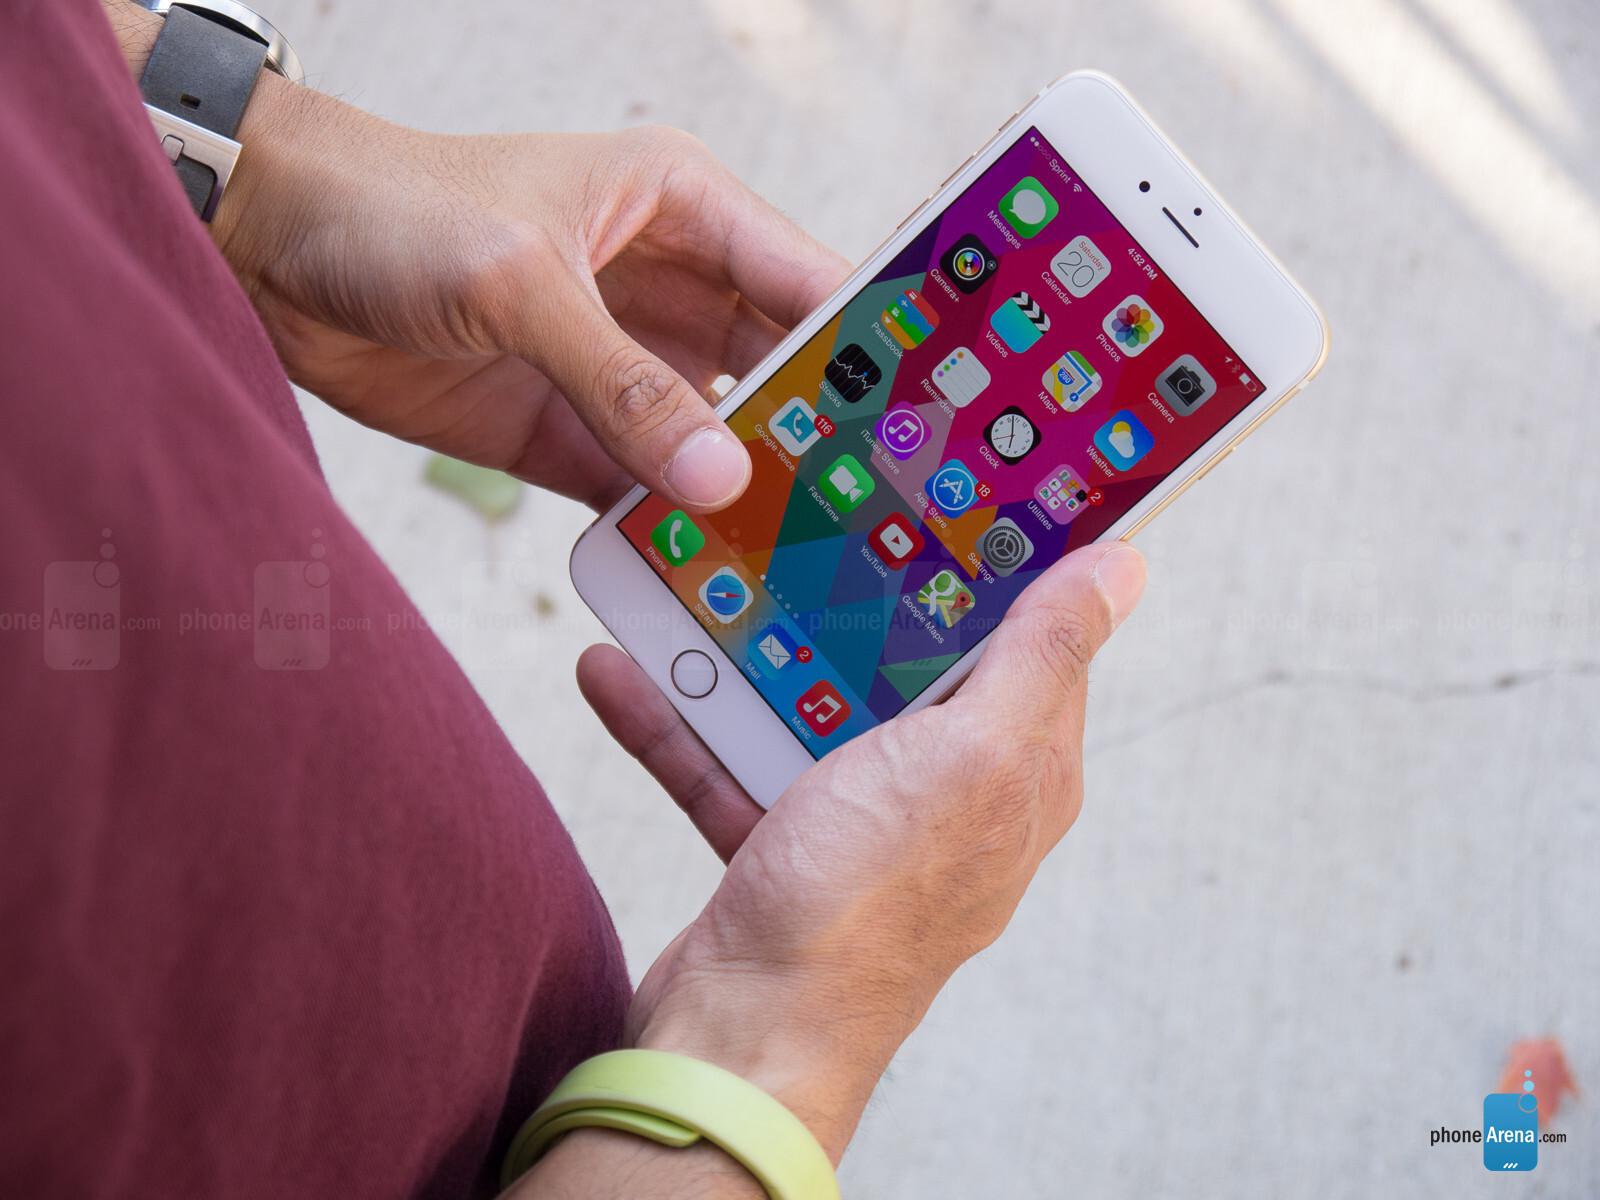 apple support iphone 6 plus camera